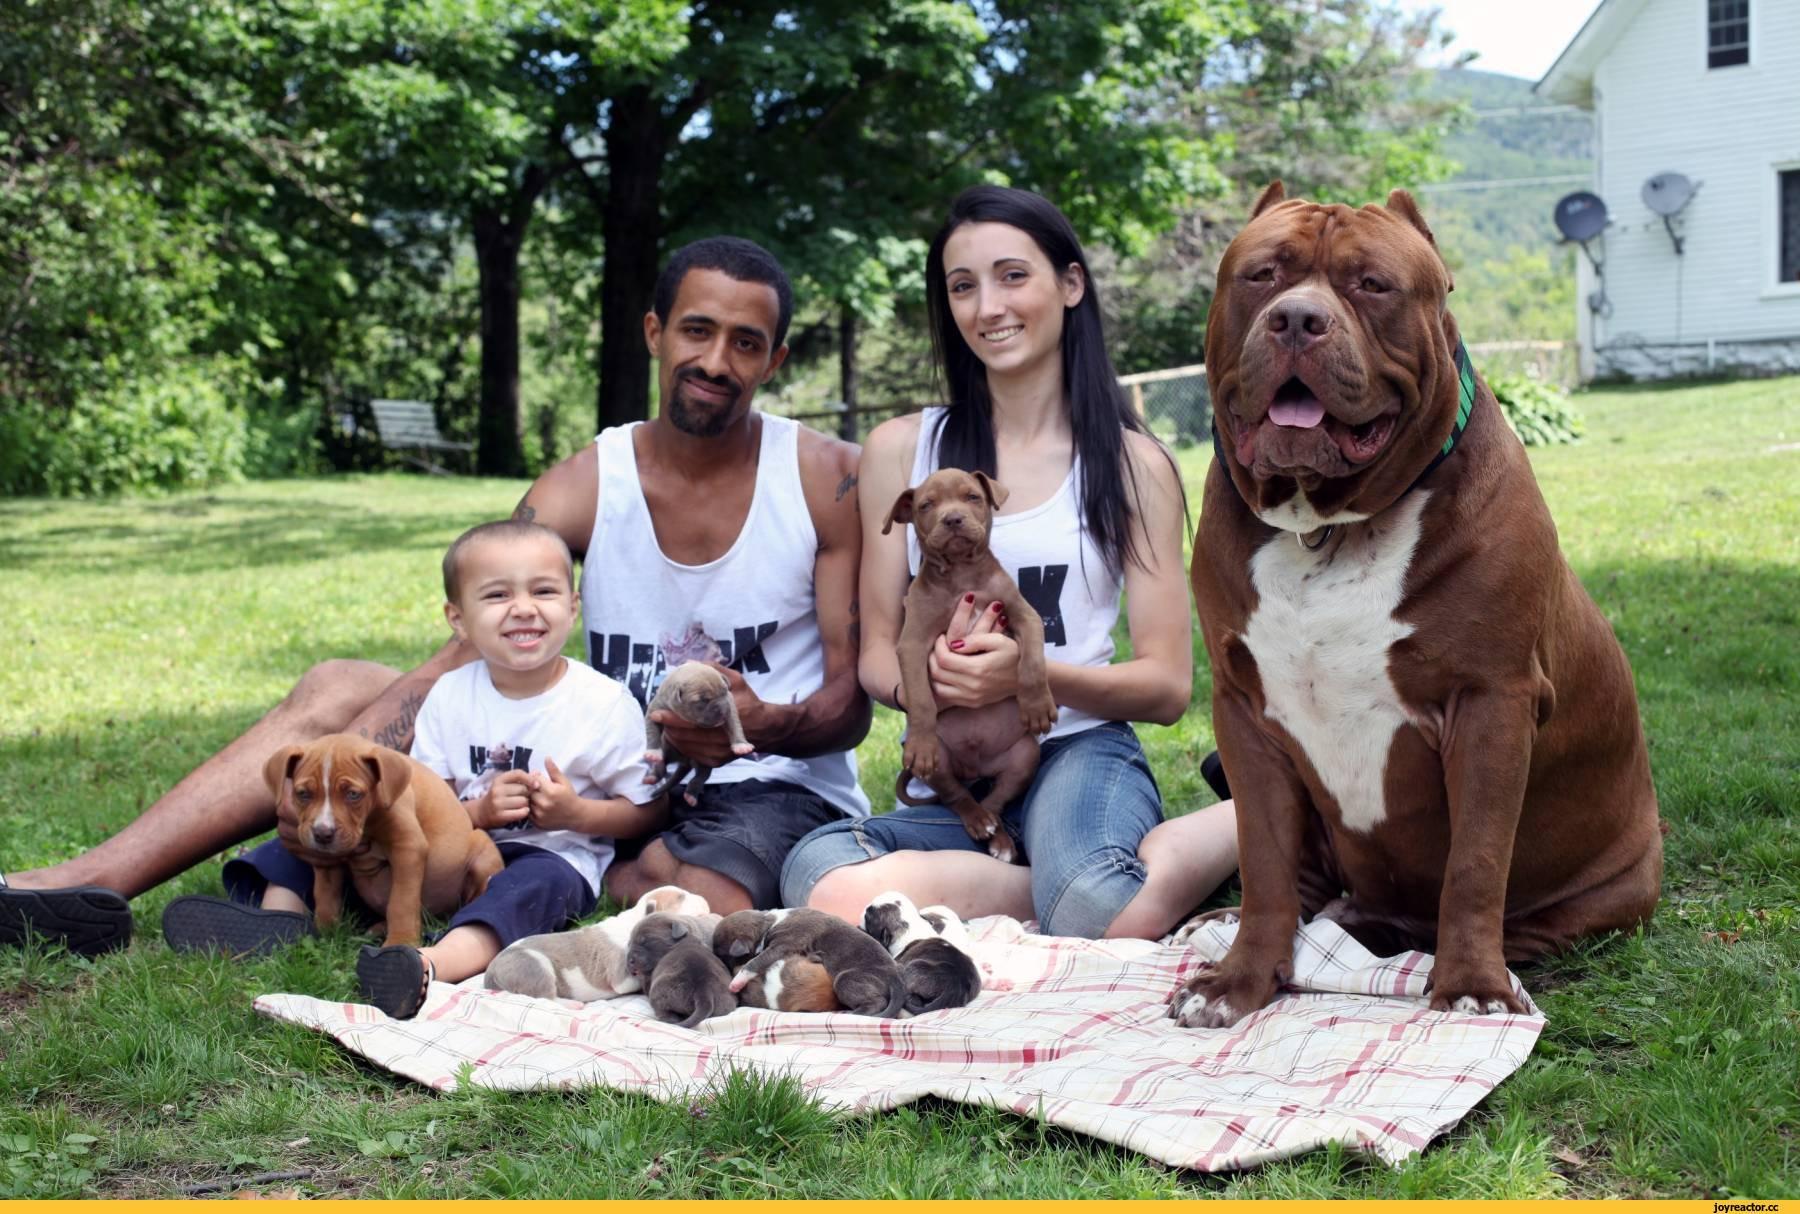 покажите самую большую собаку в мире картинки современный подбор